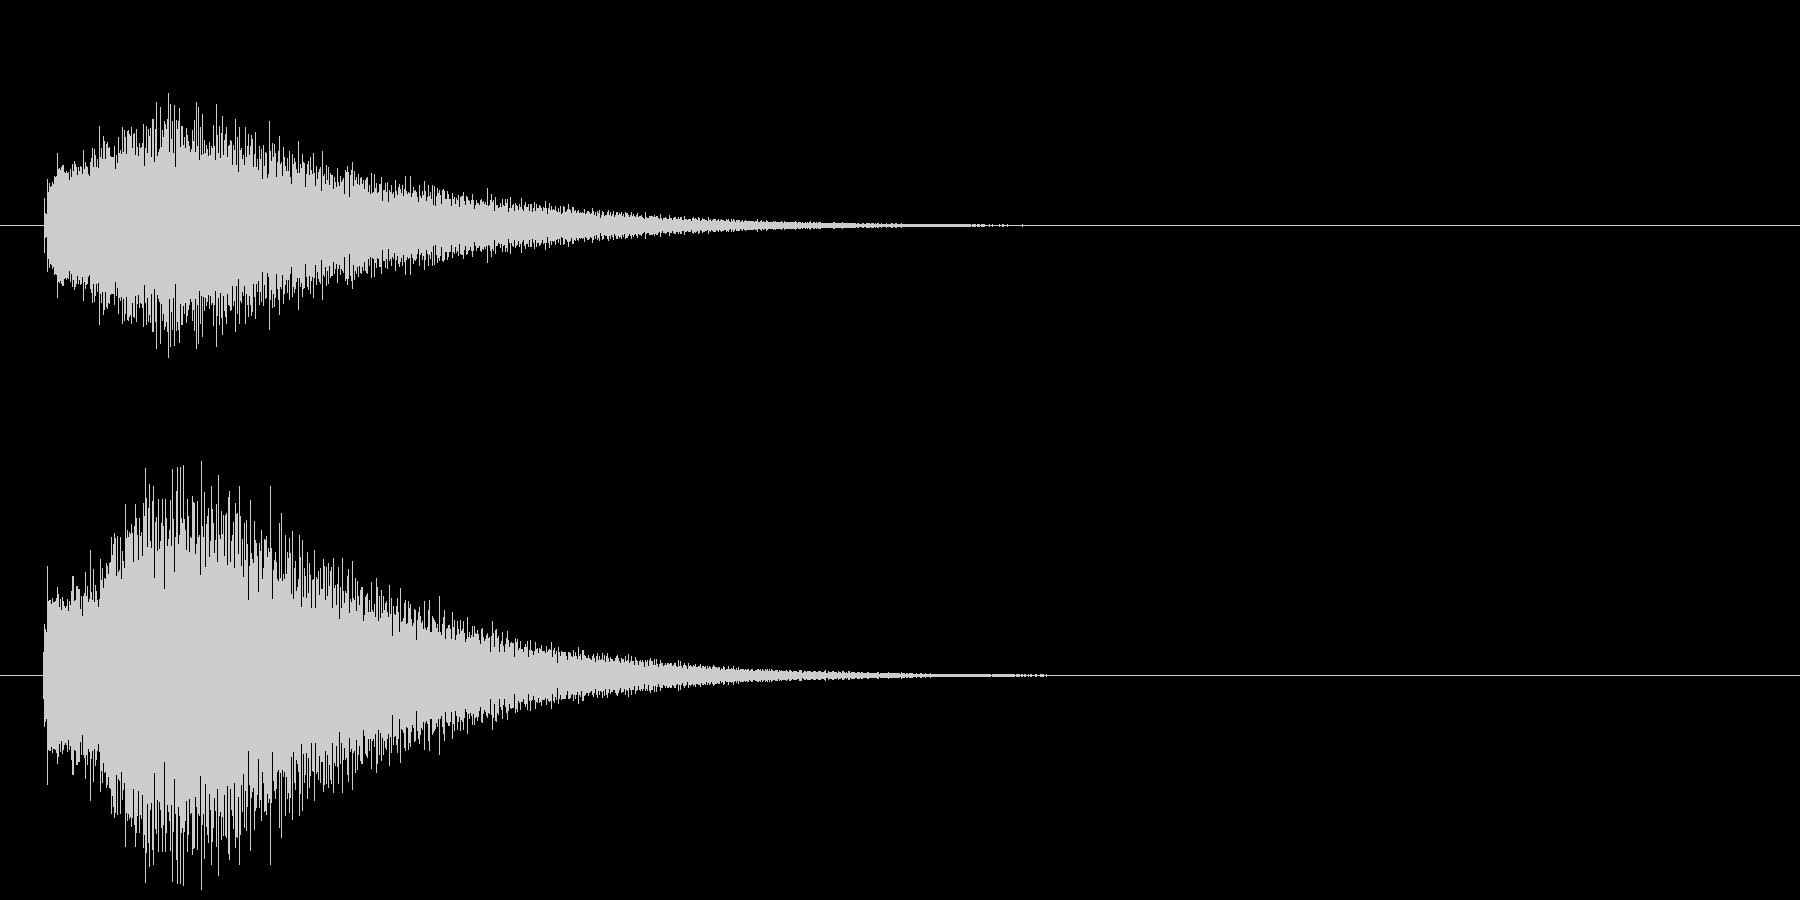 グリッサンド02 グロッケン(下降)の未再生の波形